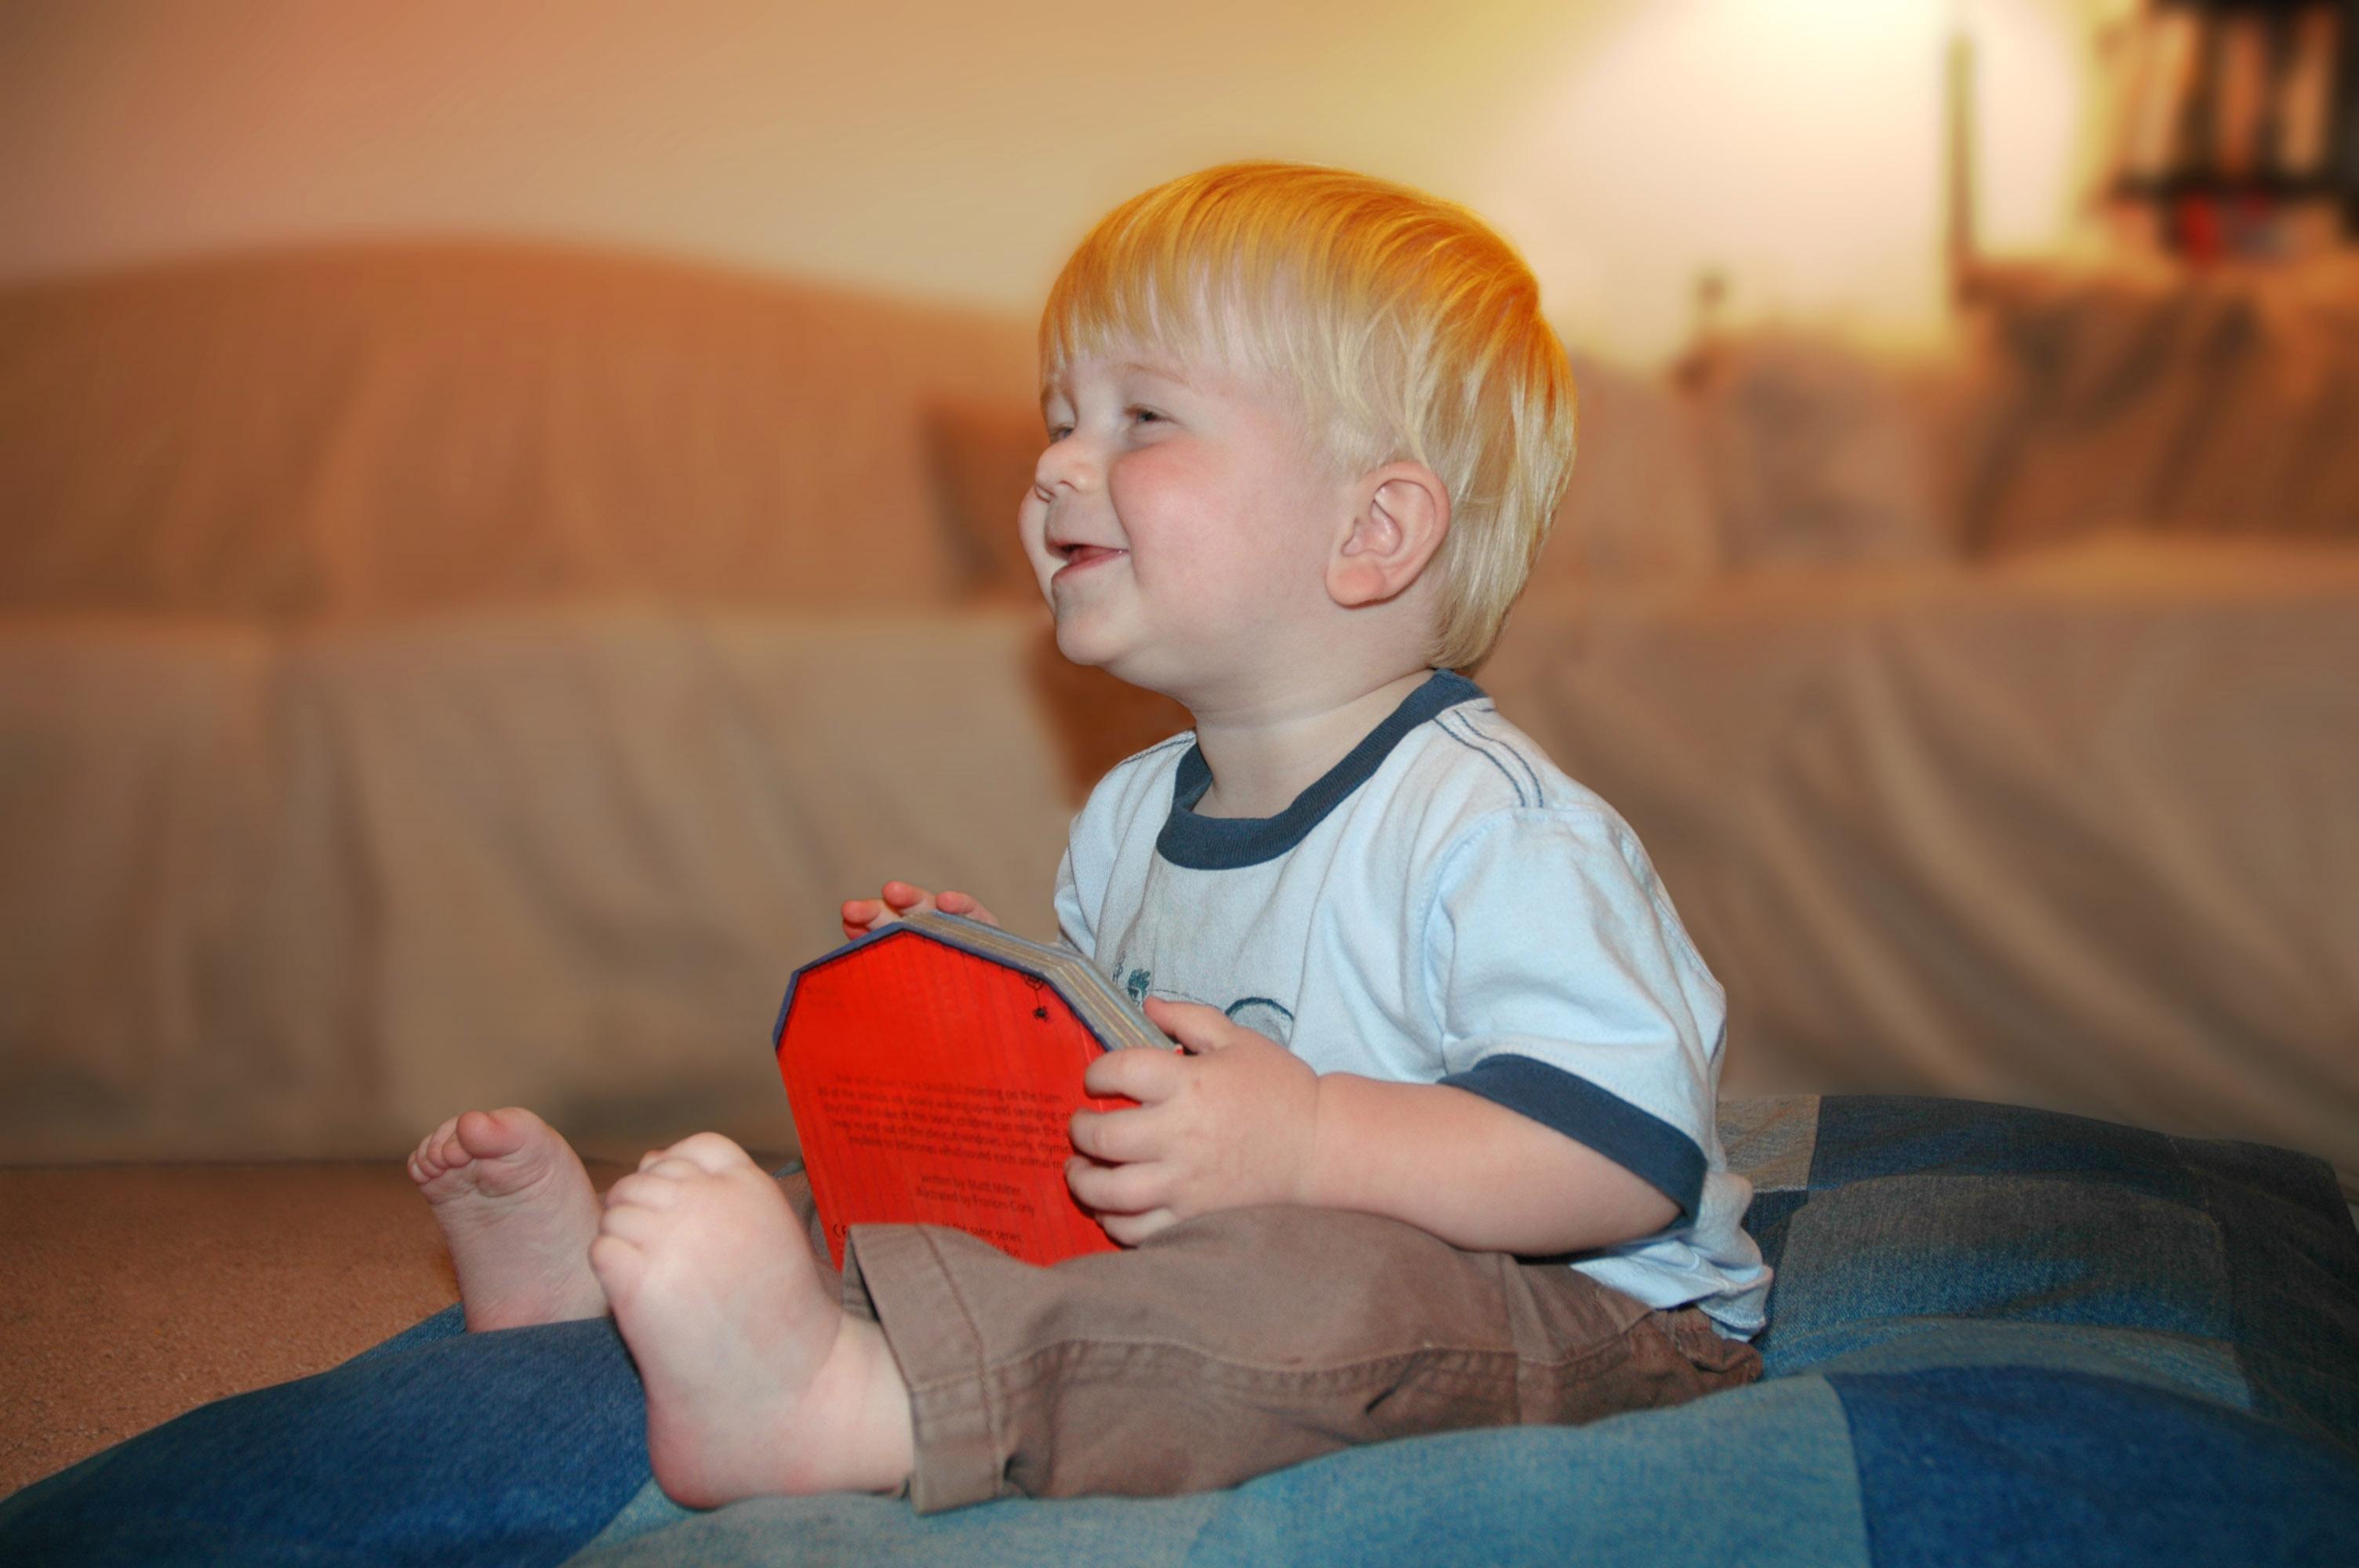 Децата под 3 години не трябва да гледат телевизия